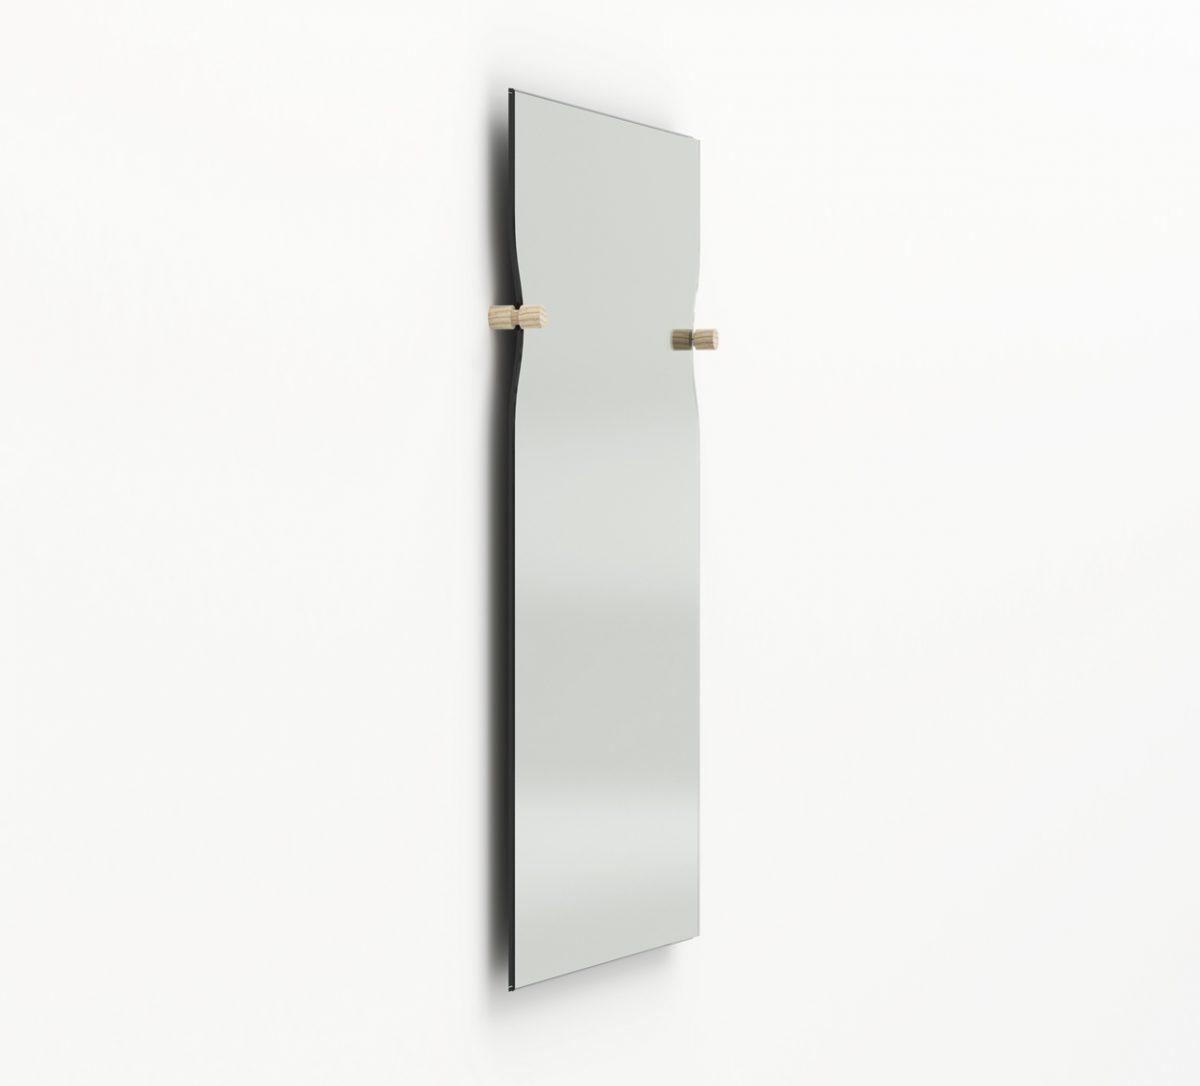 Morphed Mirror deuvels als ophanging – Frederik Roijé